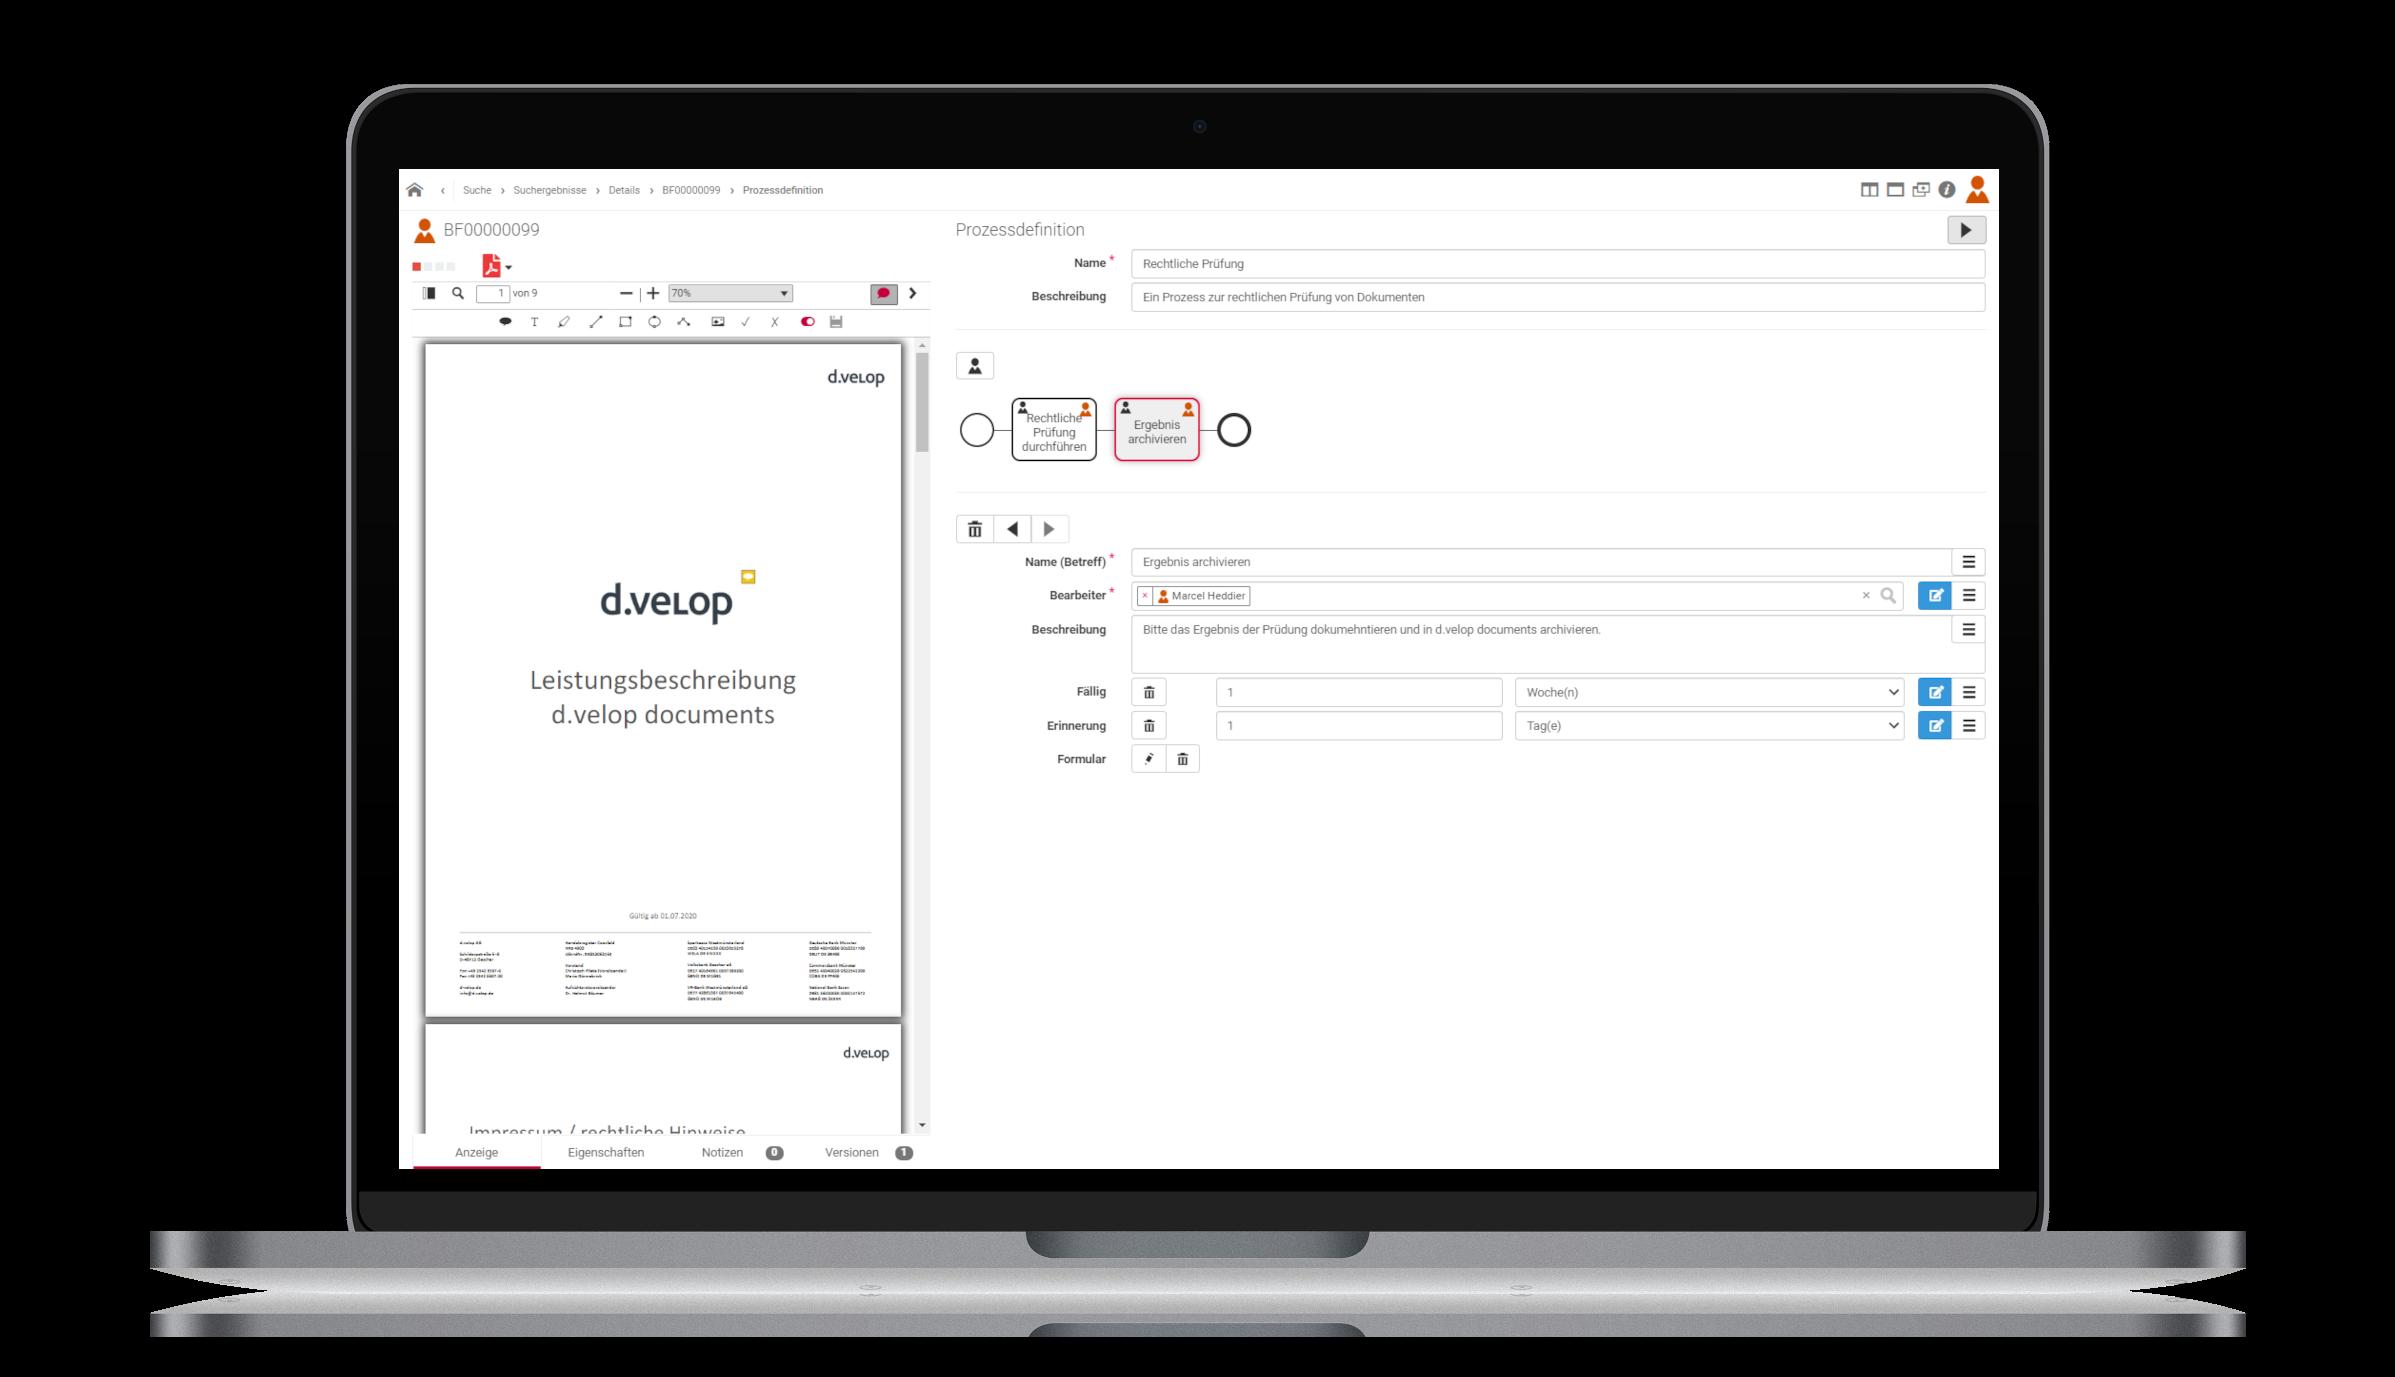 d.velop documents – Einfache Workflows gestalten und ausführen